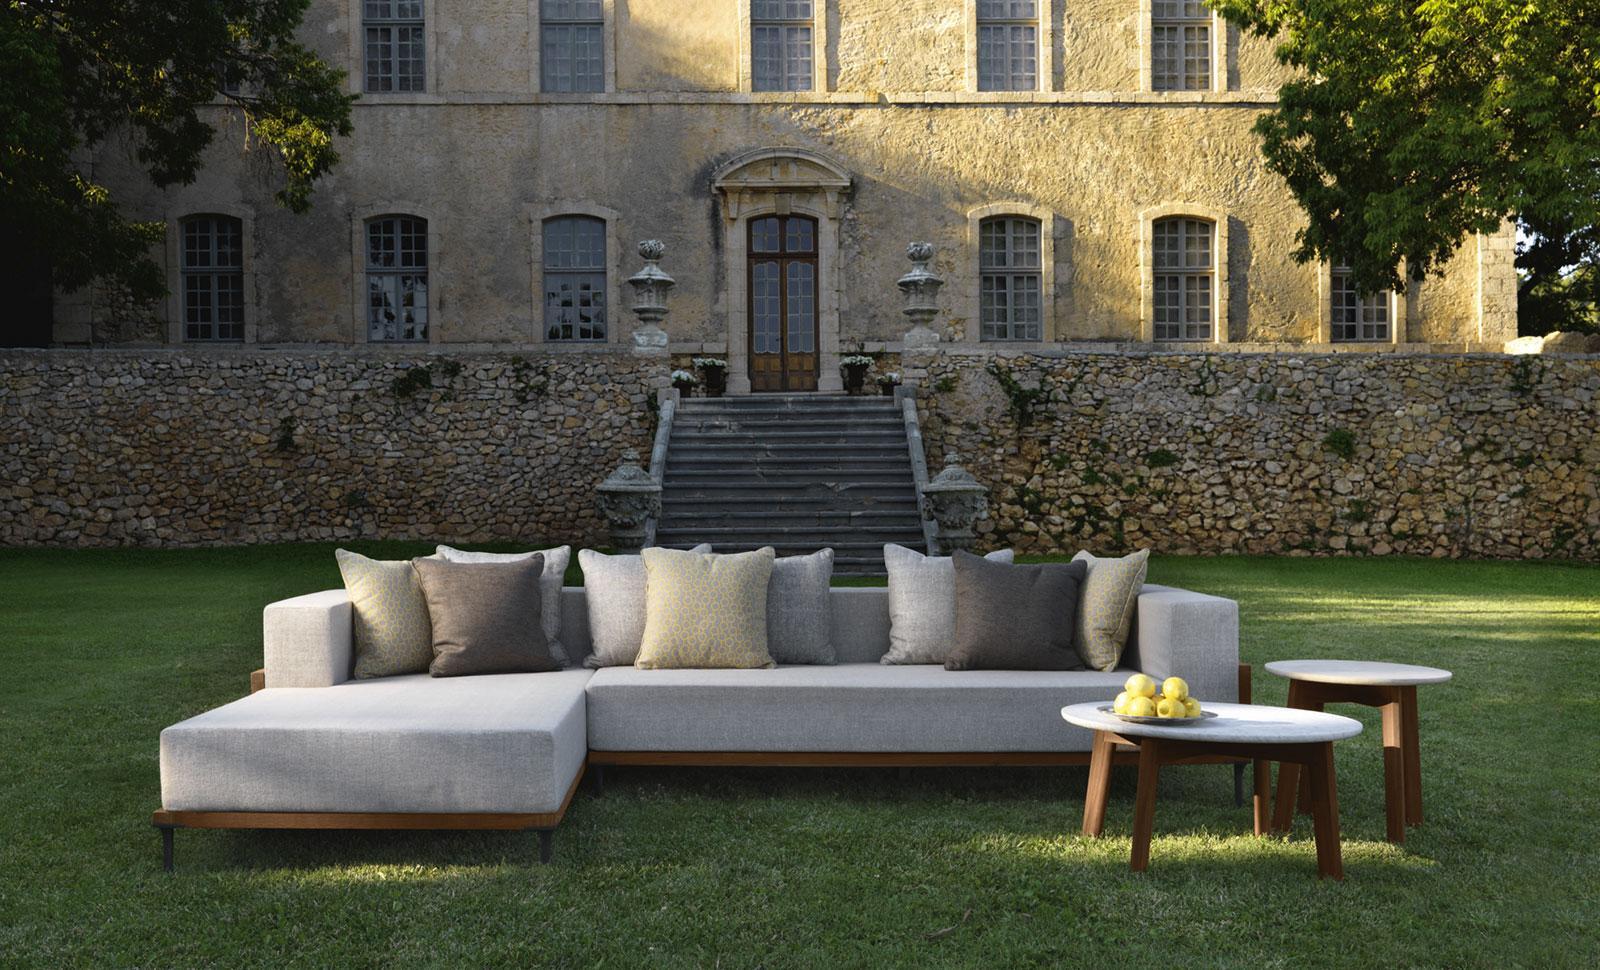 tavolini da caffè rotondi da esterno giardino made in italy design prezzi arredamento da esterno lusso marco Acerbis teak marmo travertino tondi